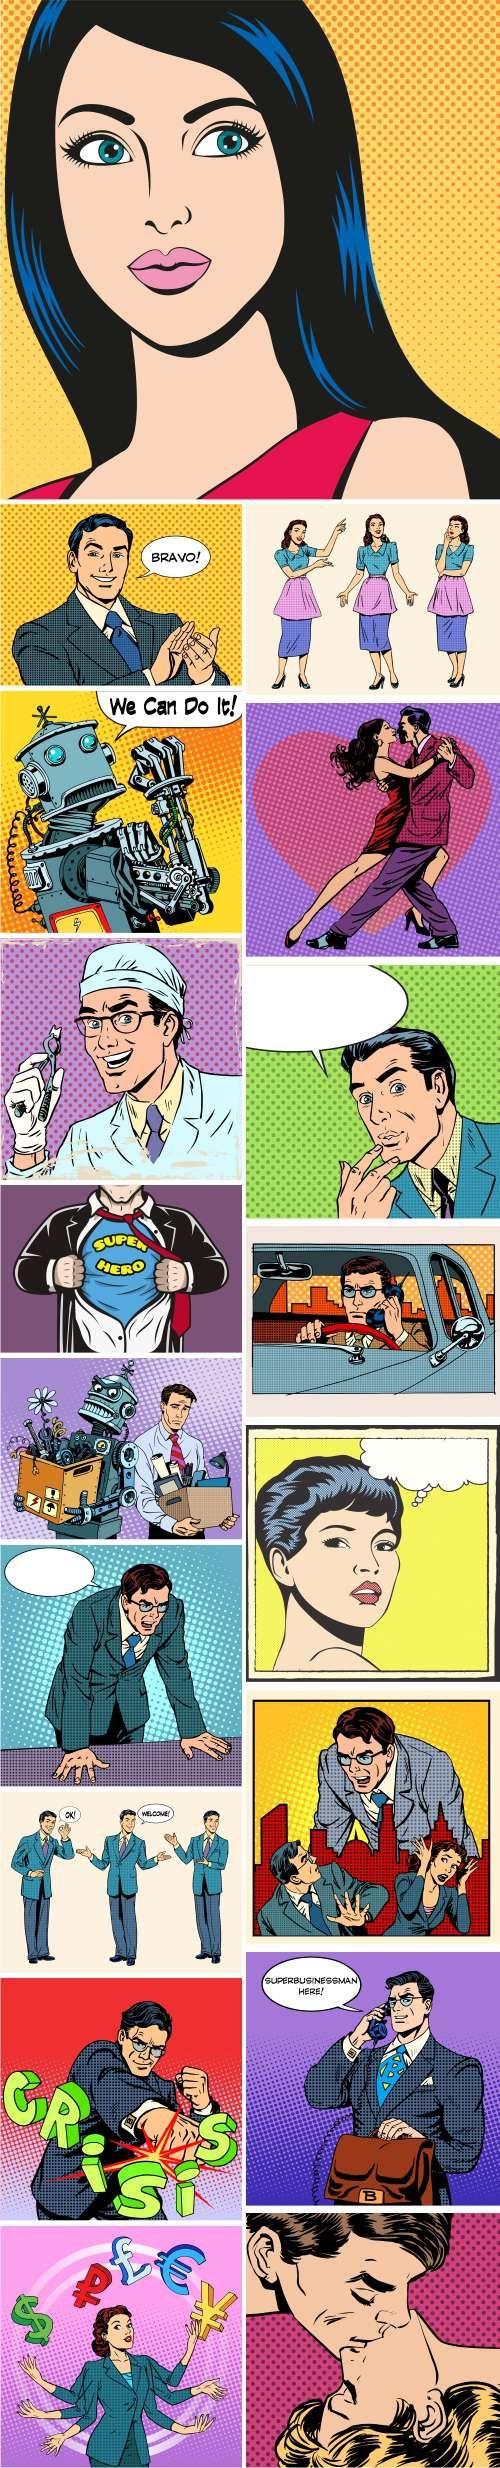 Ретро комиксы, иллюстрации людей   Pop Art. Comic retro people - 2, 65xEPS